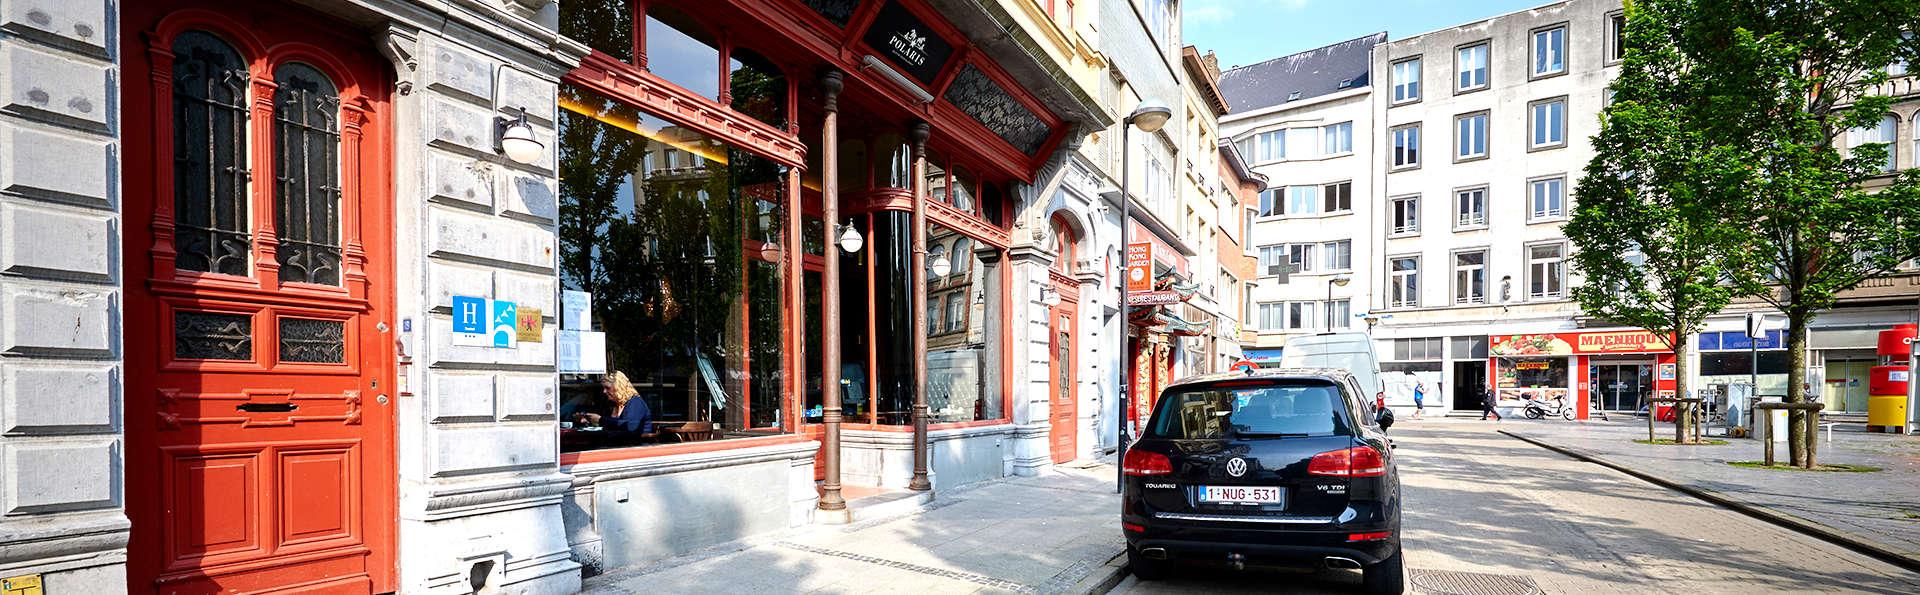 Hotel Le Parisien - Edit_Front3.jpg